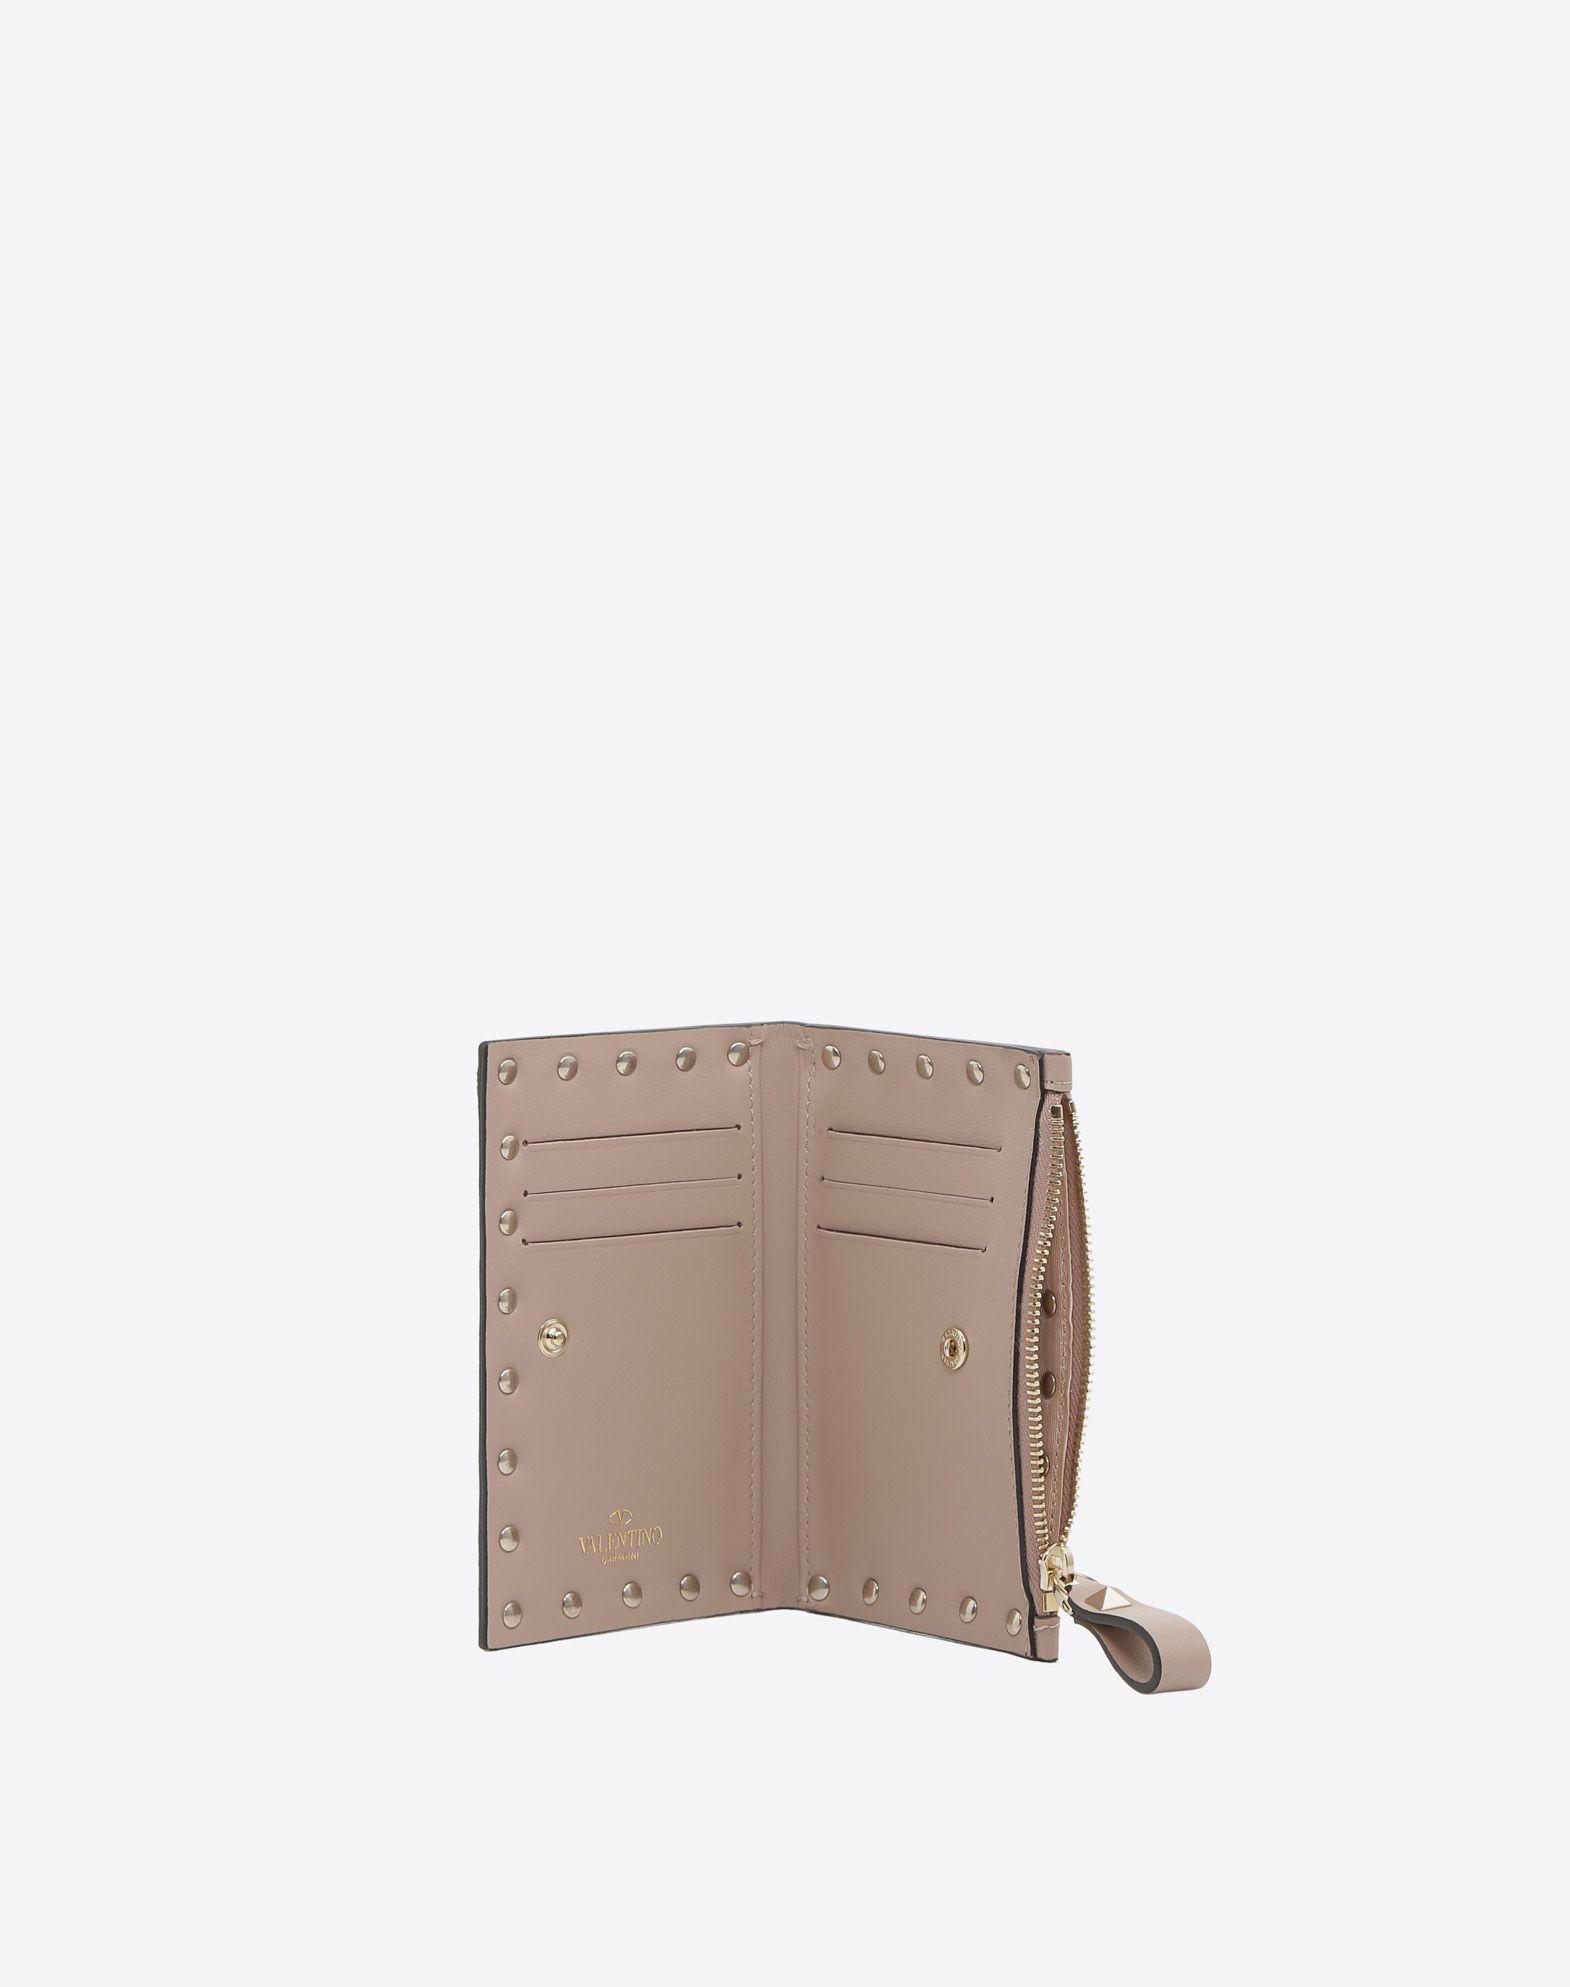 Valentino Rockstud coin purse card case QG8Qs2w